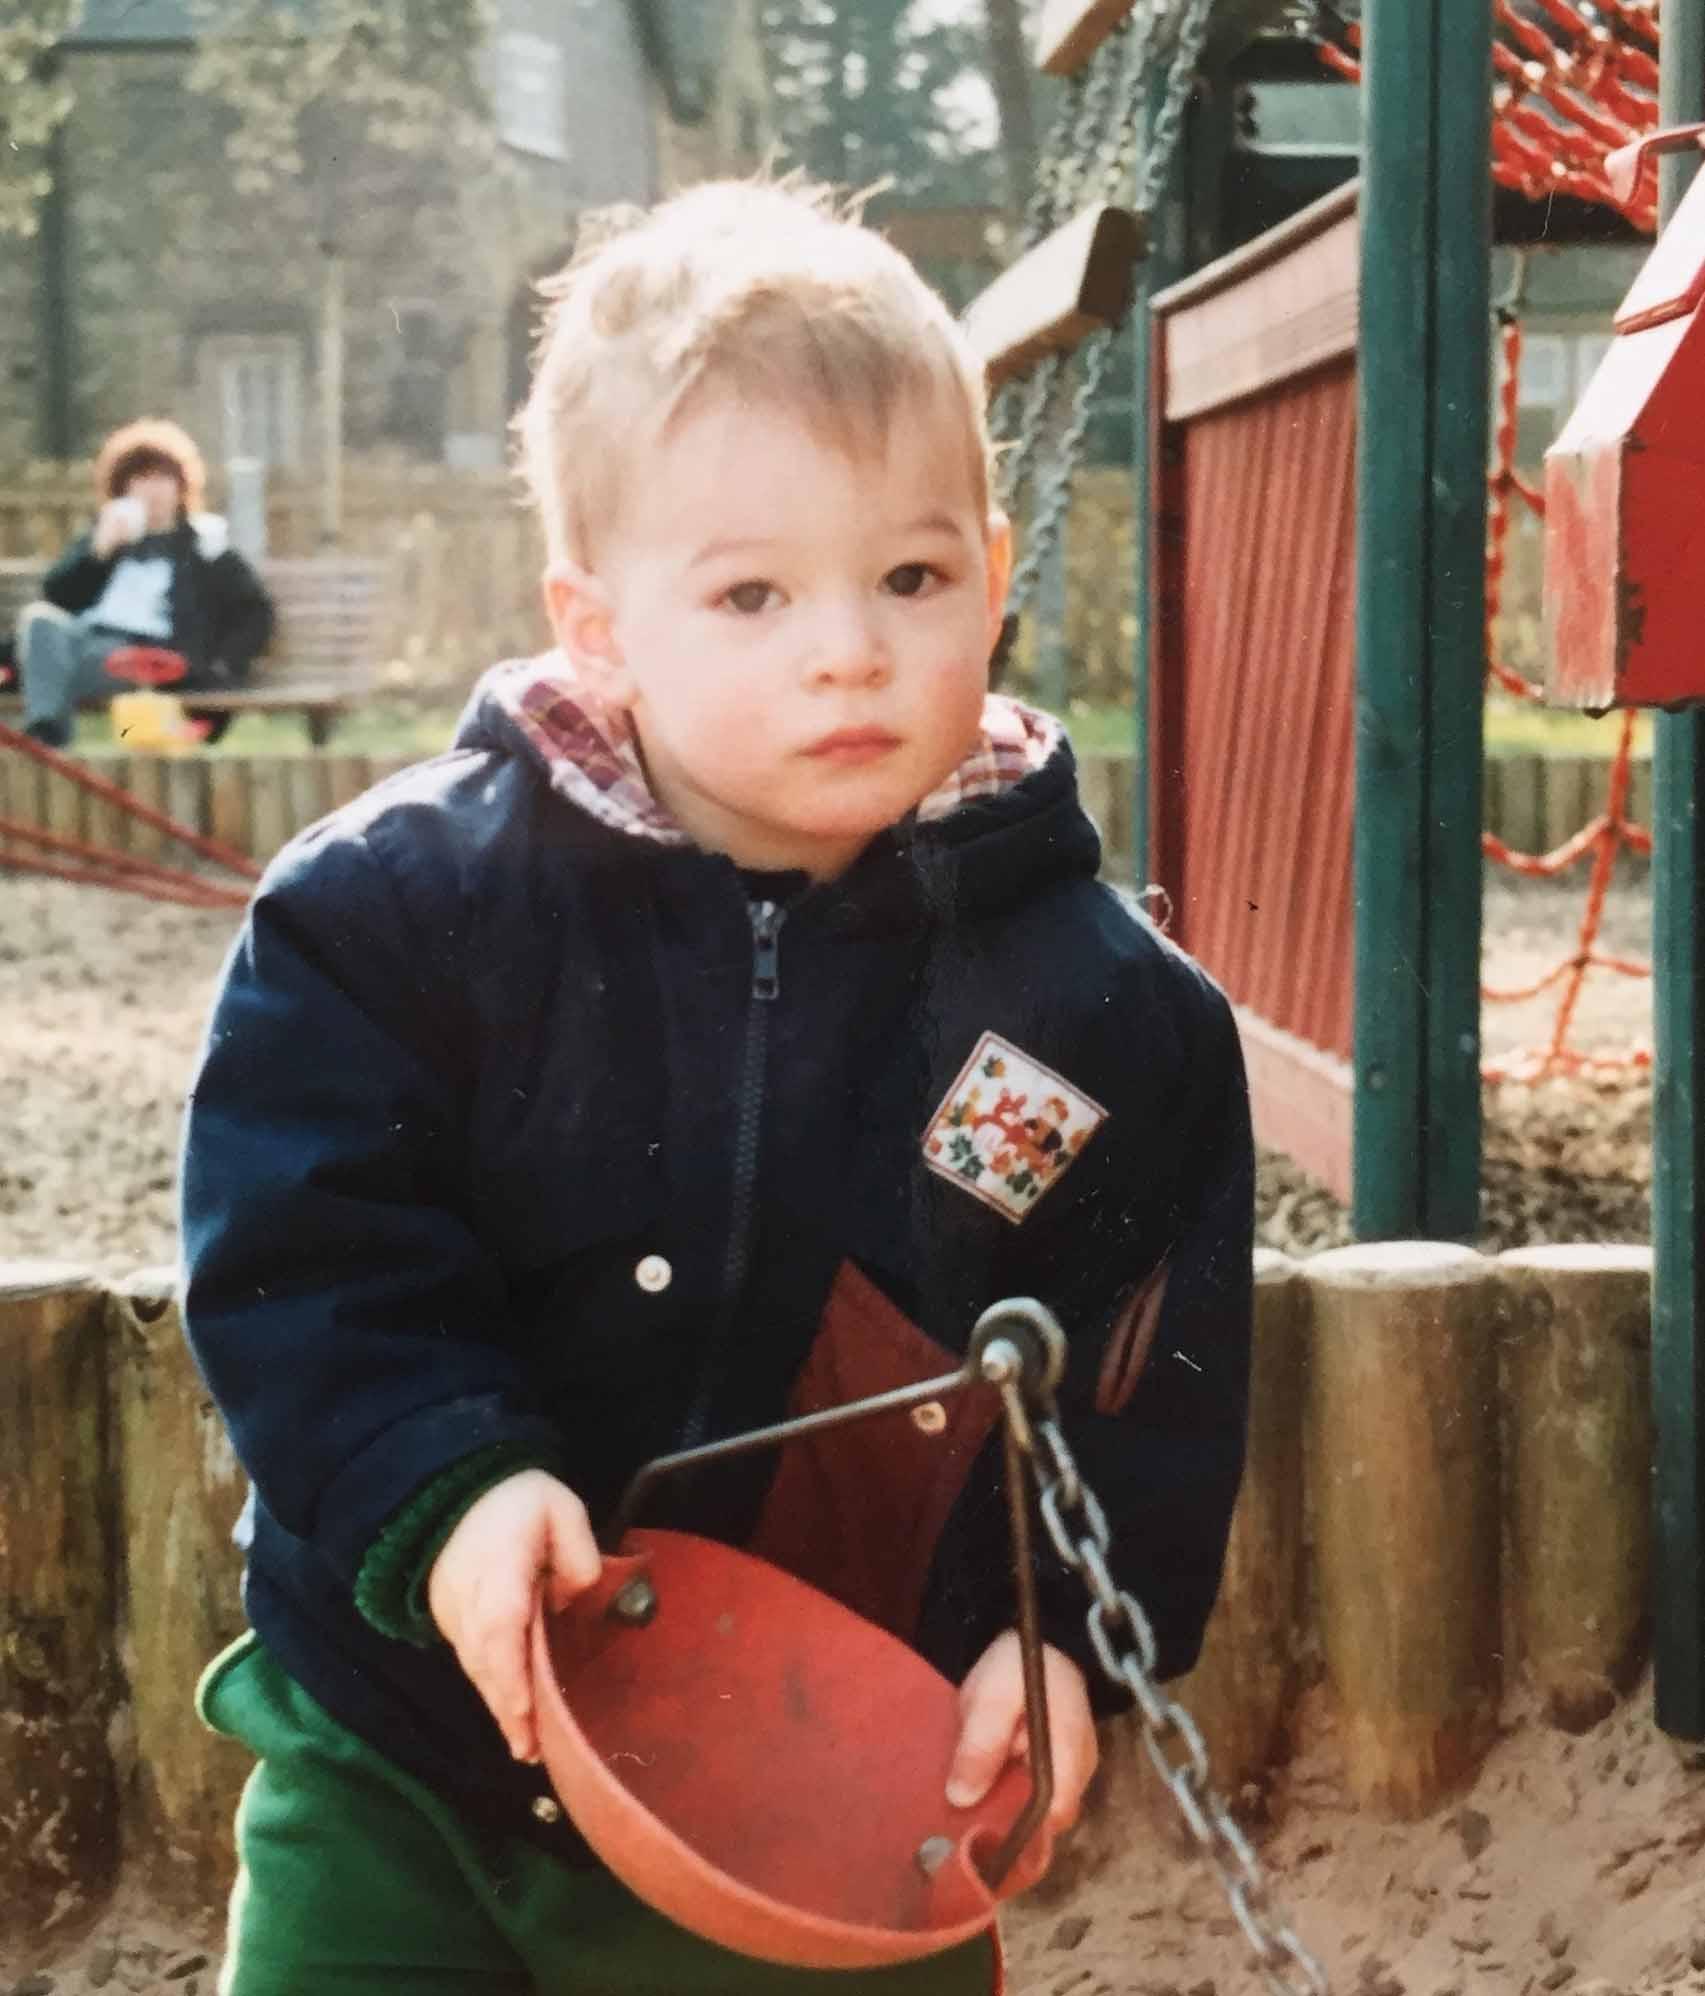 Aaron Calvert at 4 years old